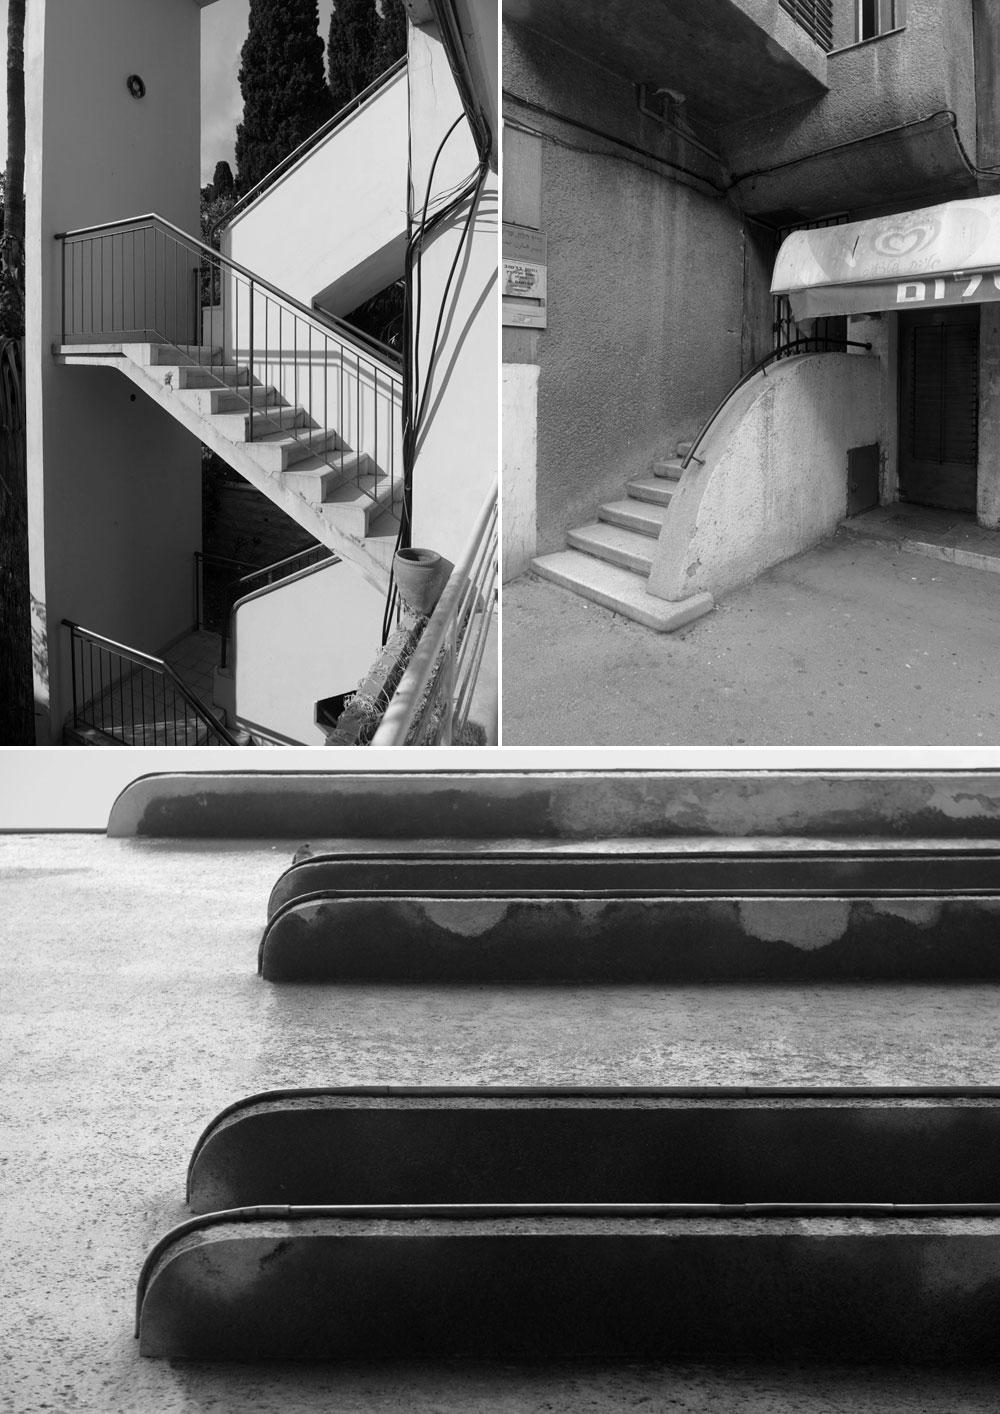 מאות בניינים ומתחמים לשימור נמצאים בהדר, ואם העירייה תשקיע בהם היא תעלה את חיפה על מפת האדריכלות העולמית. 3 דוגמאות מהתערוכה ''ההדר הנעדר'' שמוצגת כעת במוזיאון העיר (באדיבות מוזיאון חיפה, צילום: מארק יאשאייב)